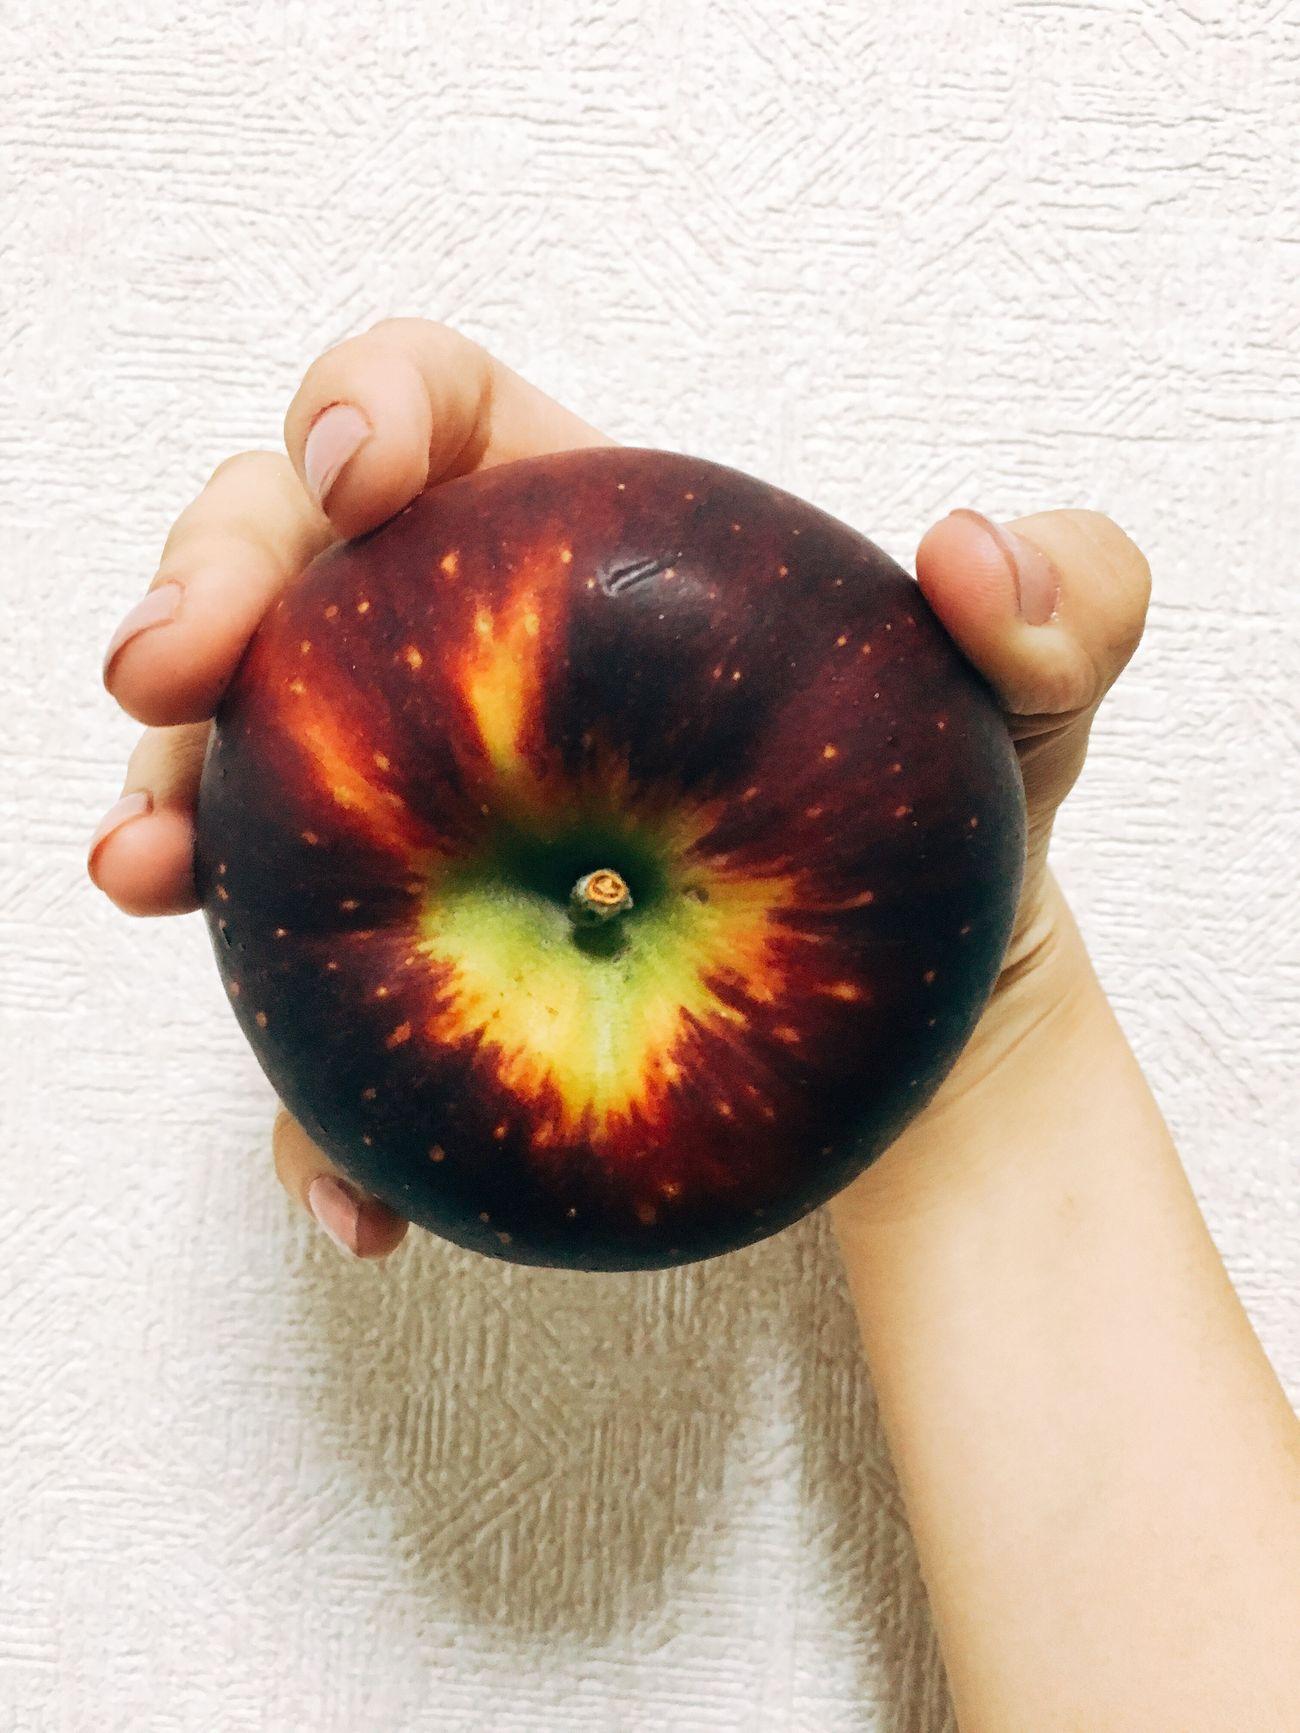 林檎 Apple 😚